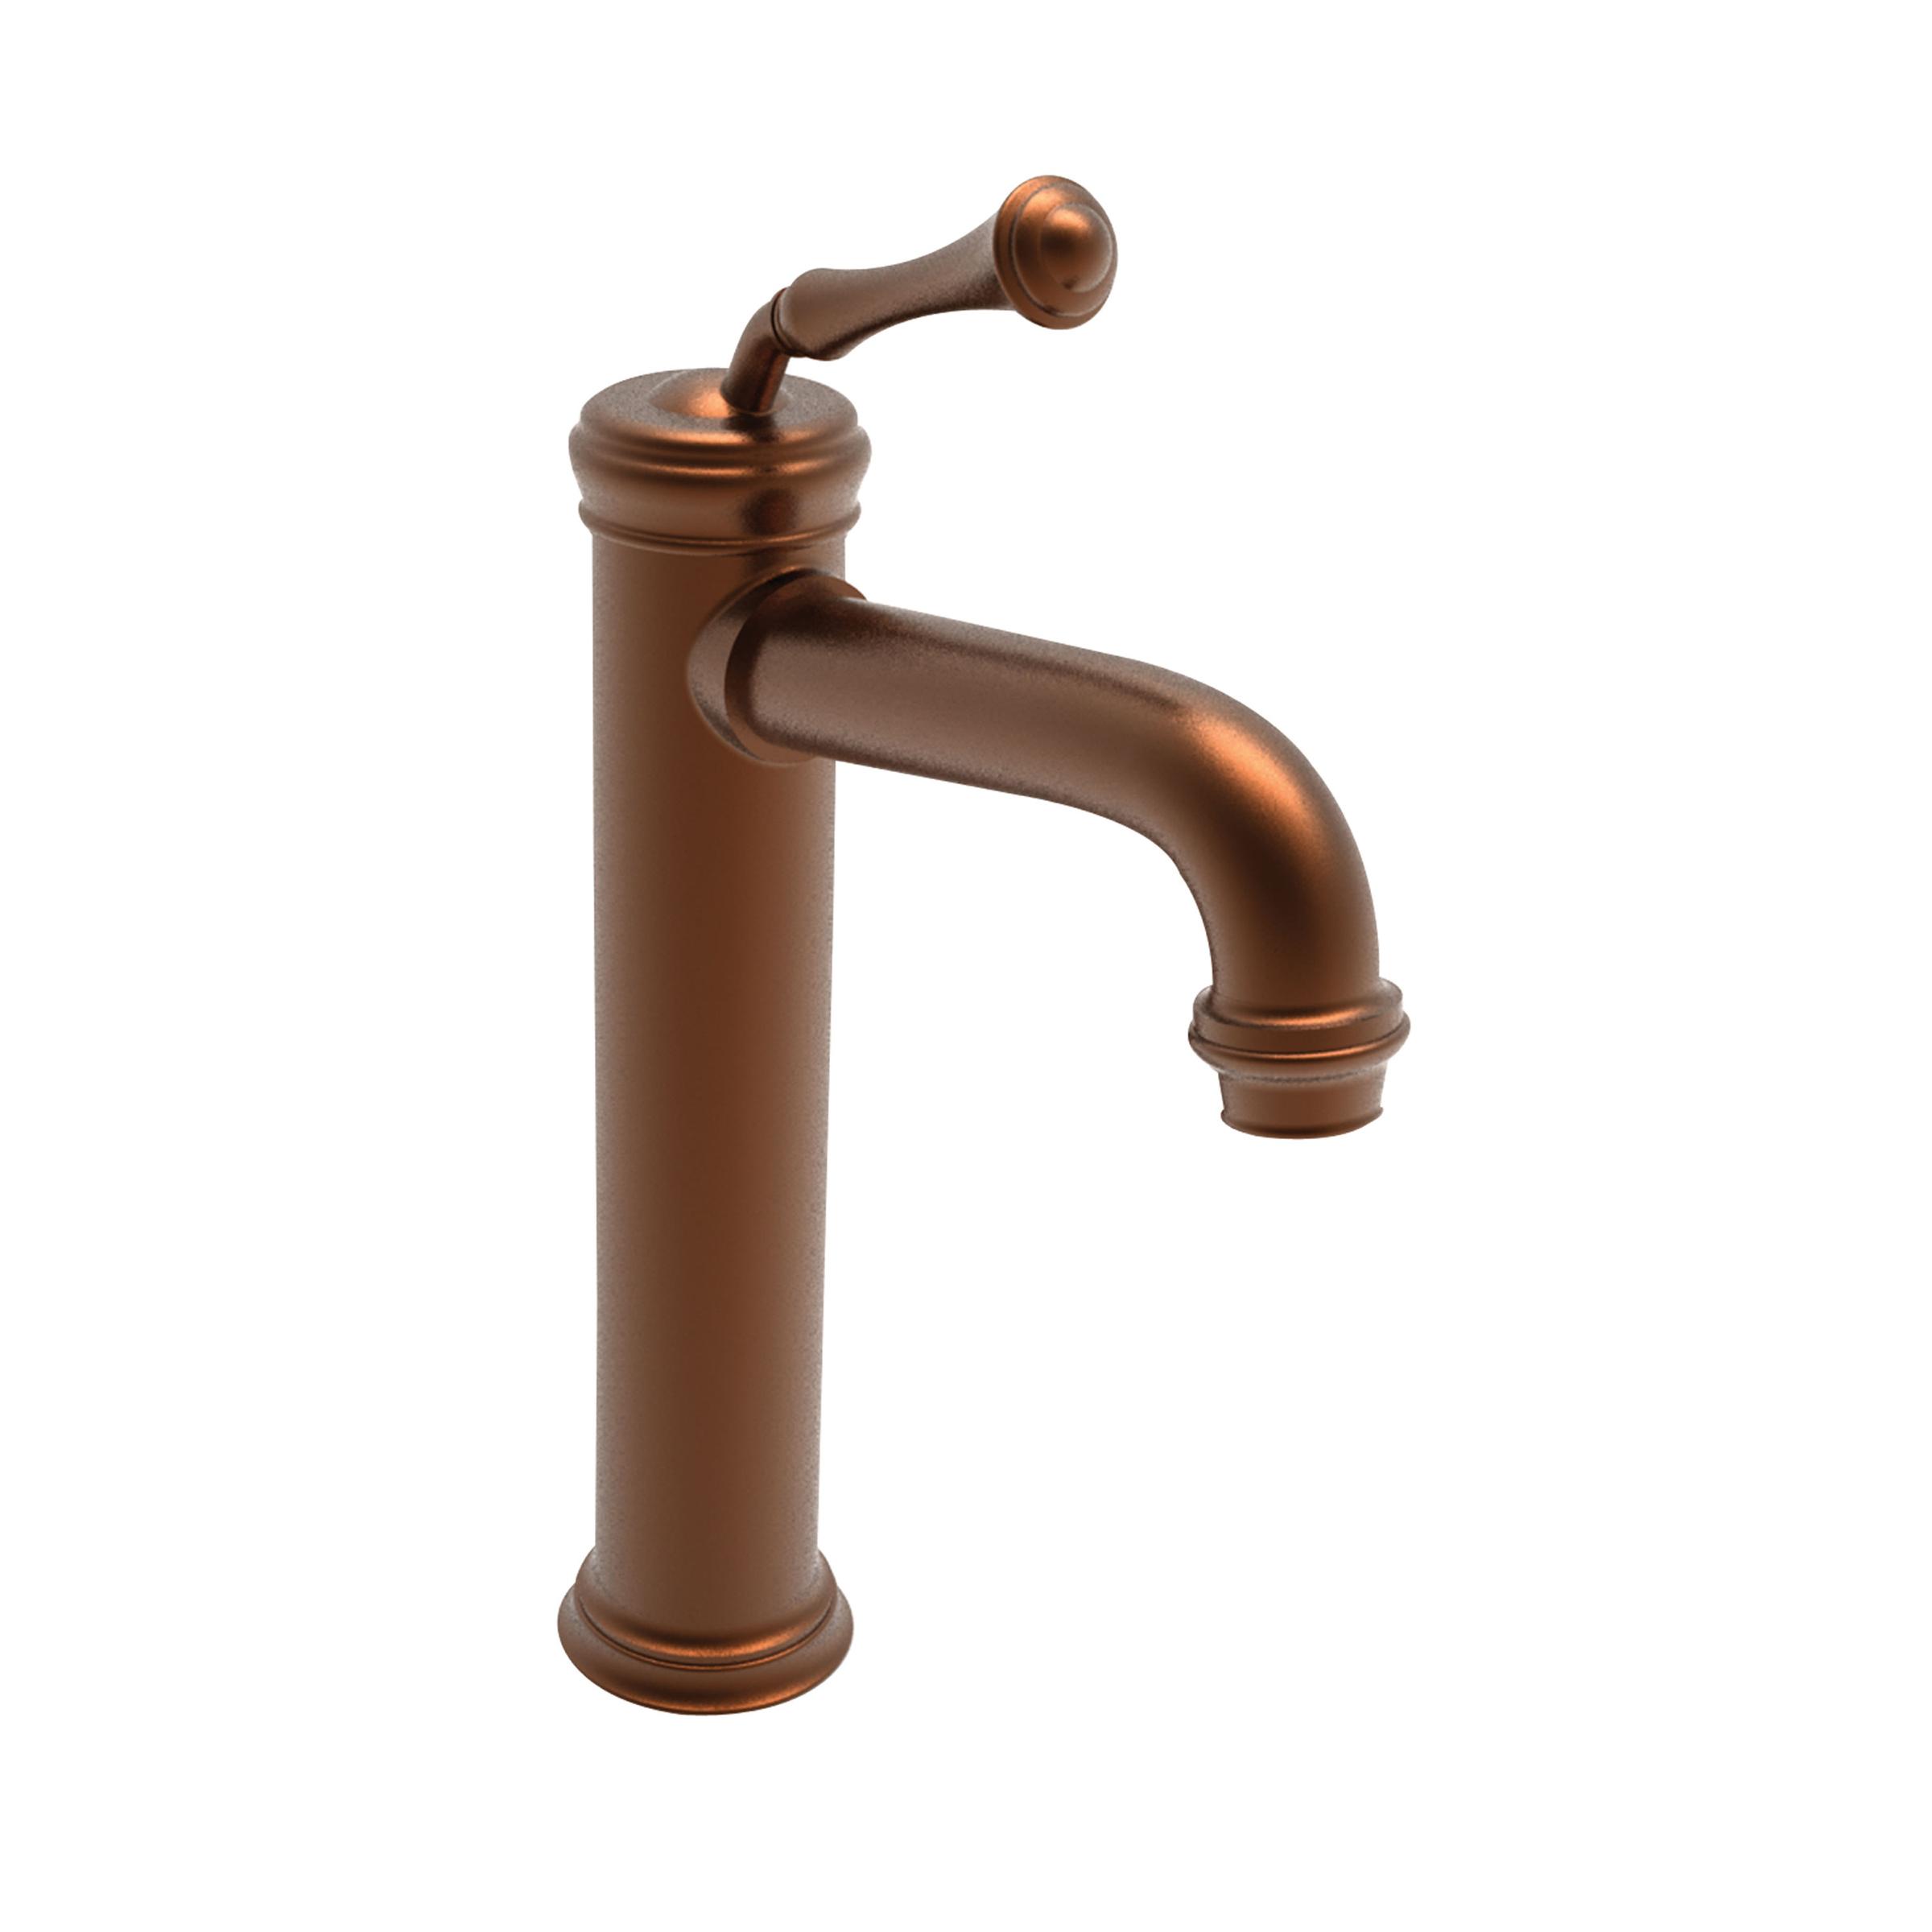 Newport Brass Bathroom Accessories 28 Images Newport